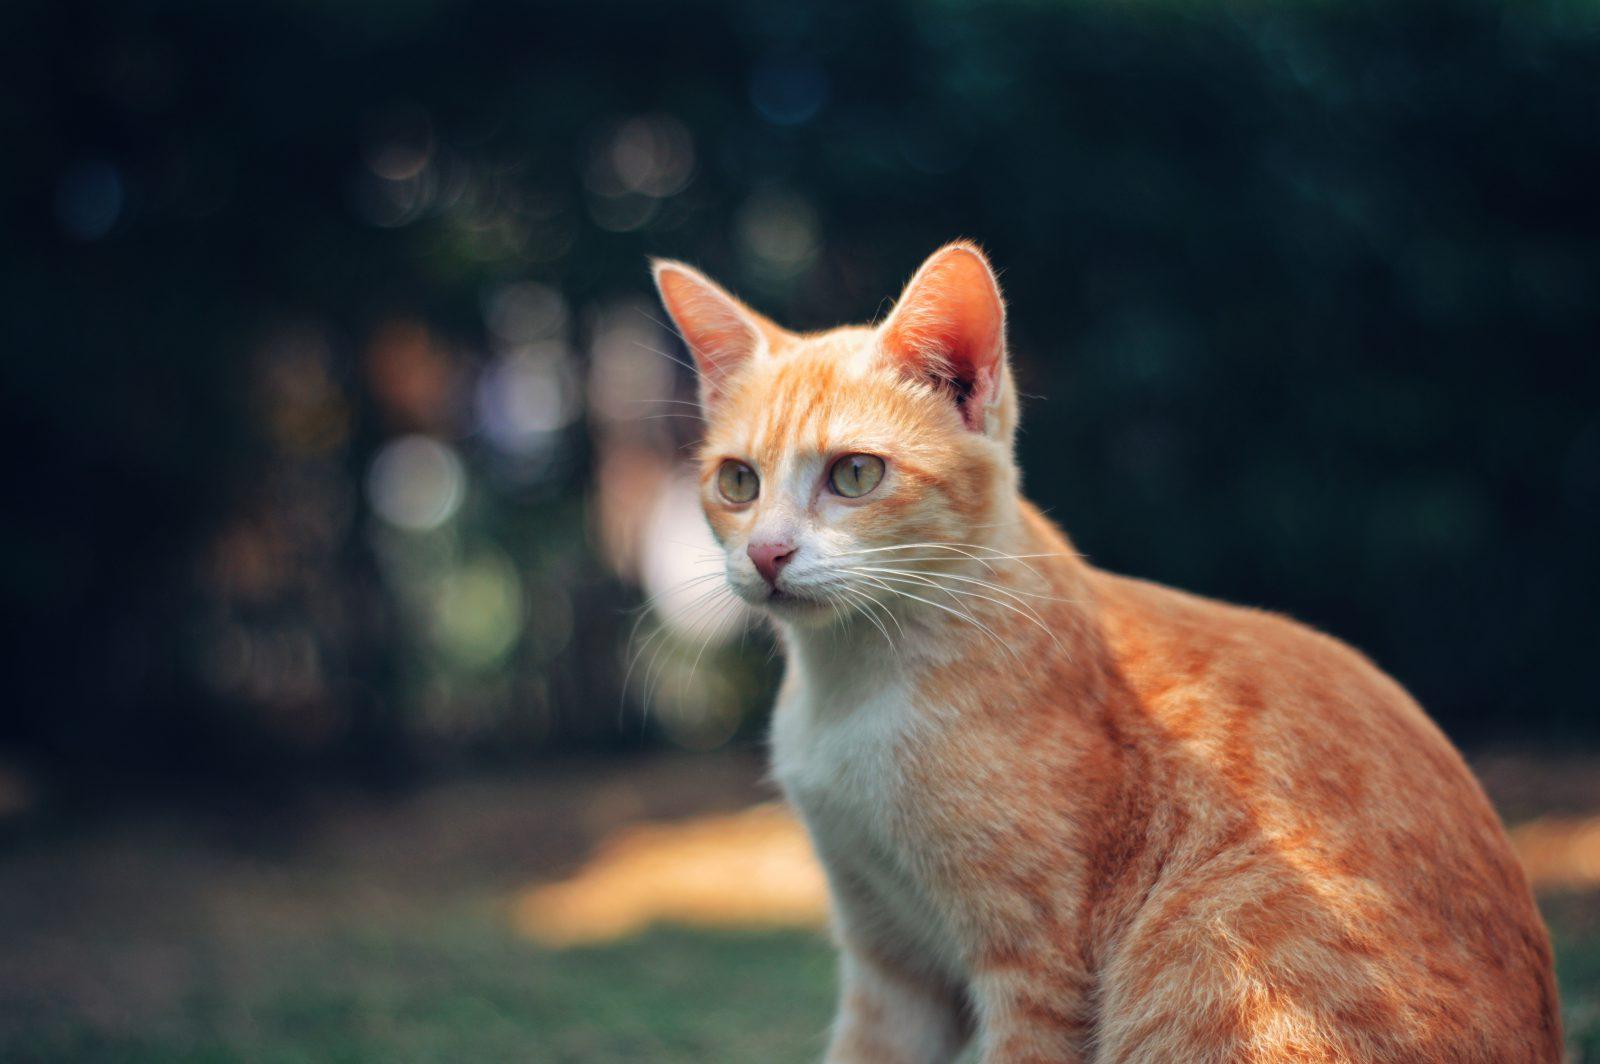 A casa para gatos deve obedecer alguns requisitos importantes.